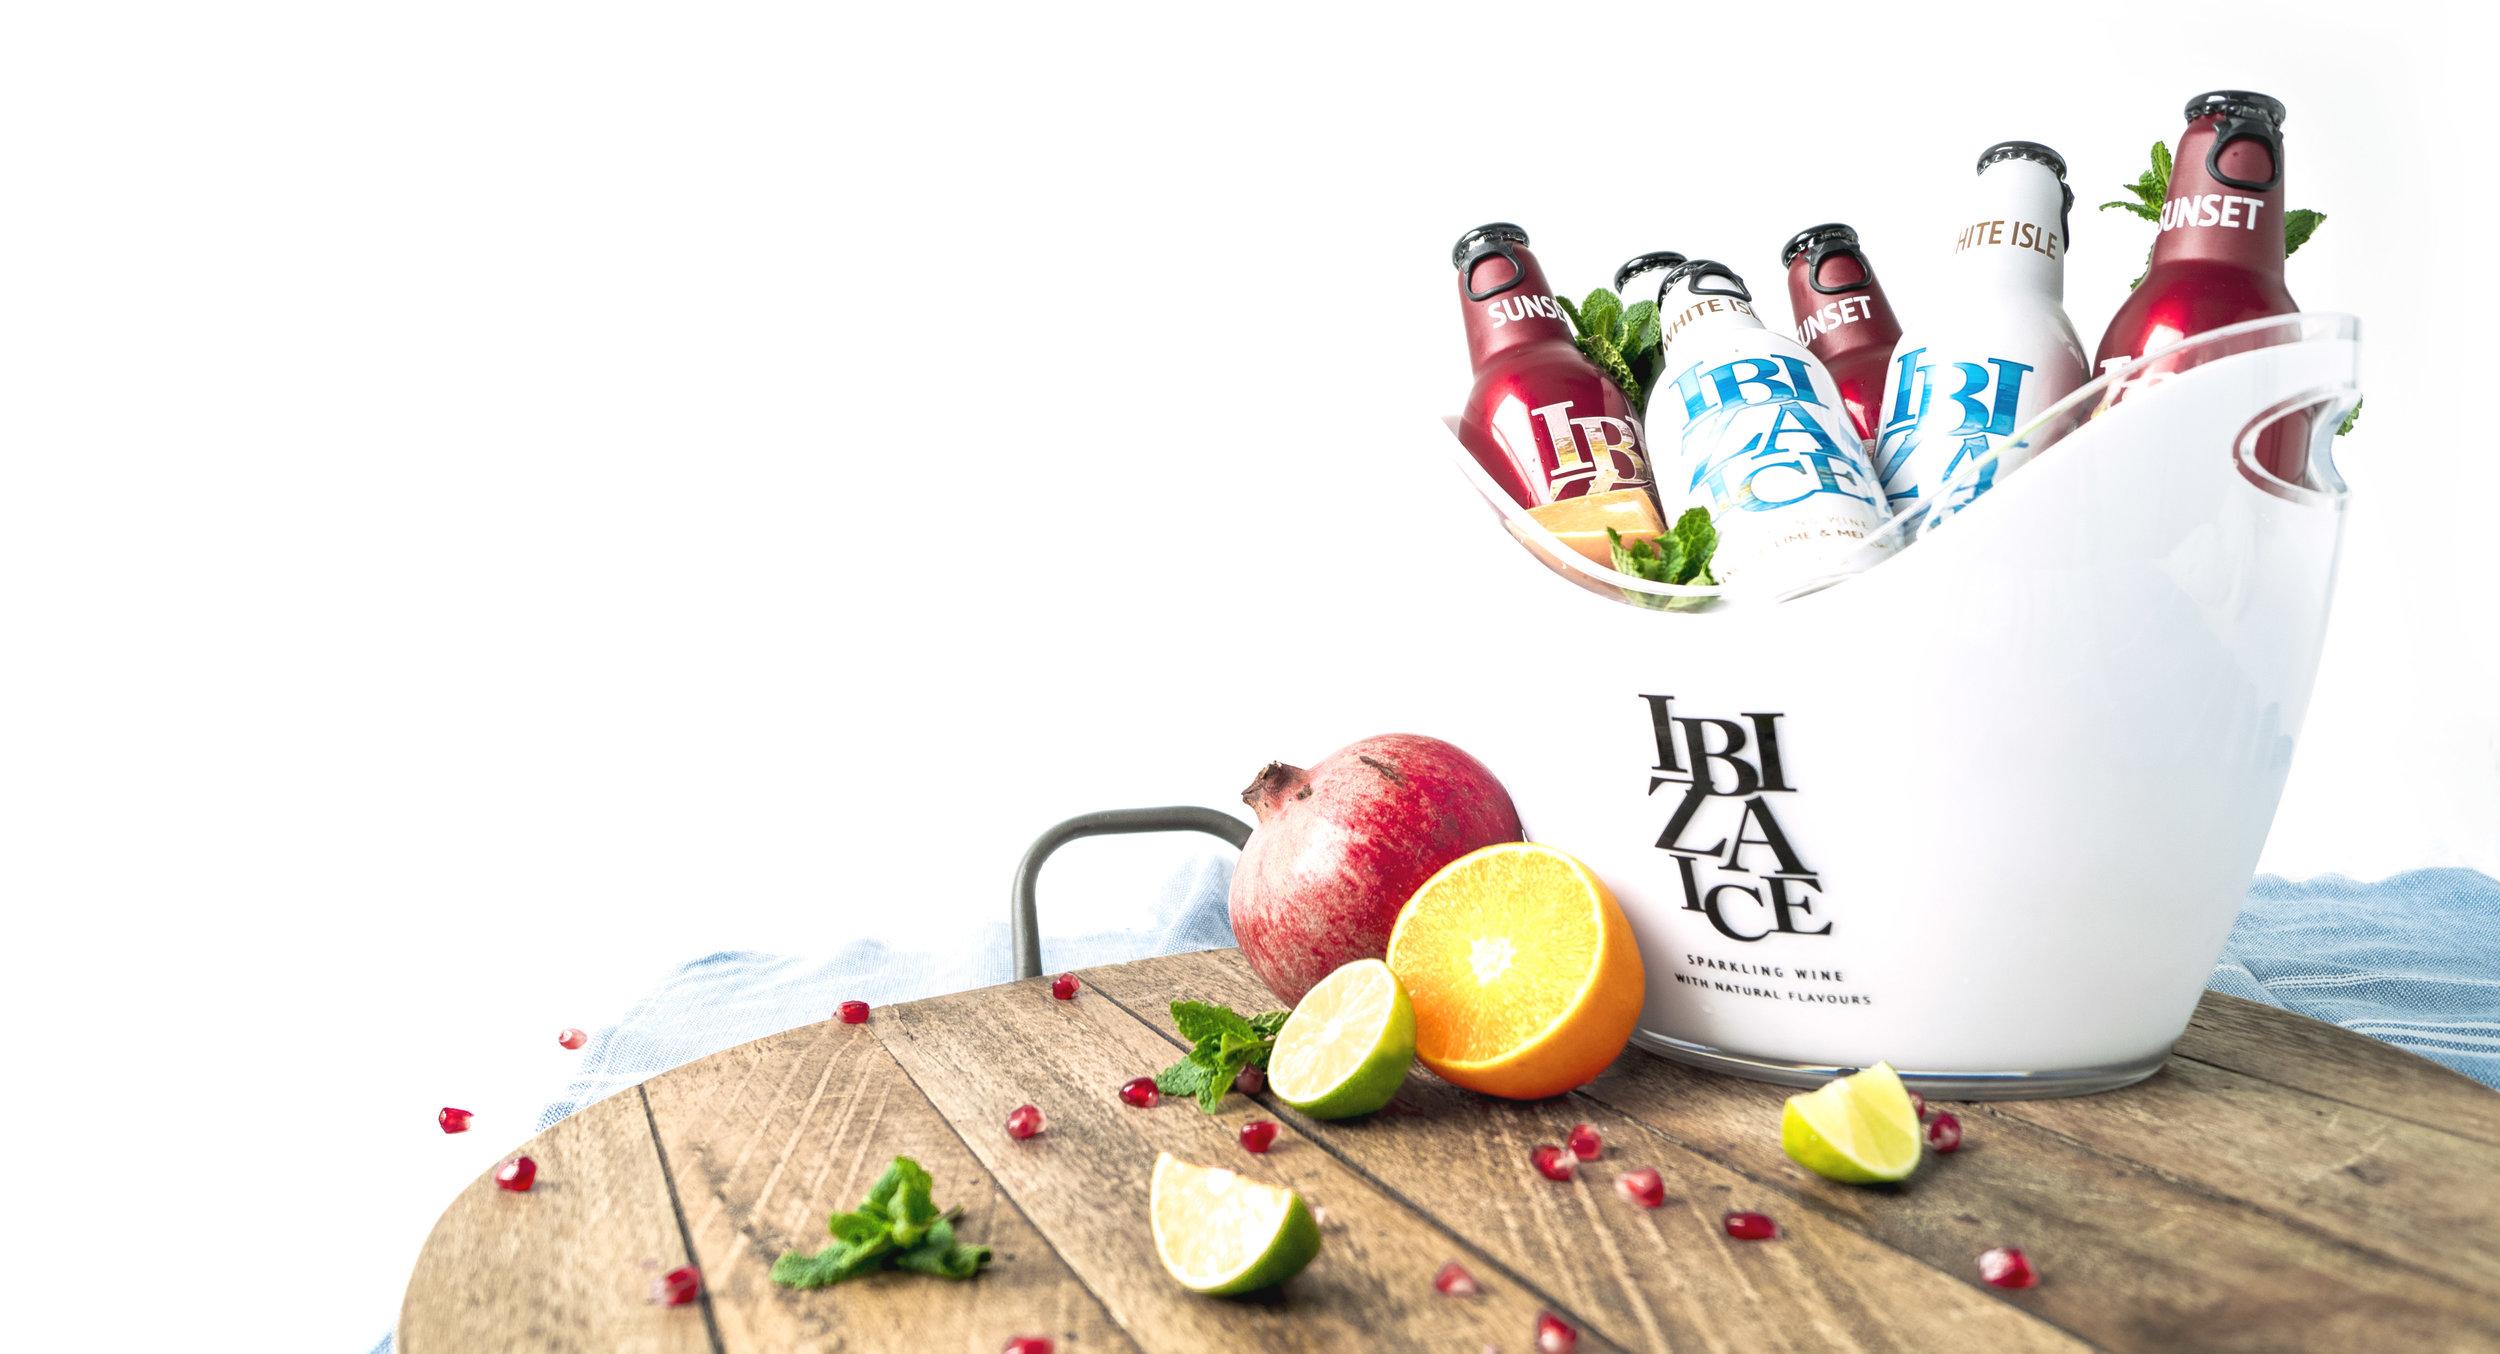 Sfeerbeeld voor Ibiza Ice. Een frisse uitstraling die ook refereert naar de verschillende exotische smaken.